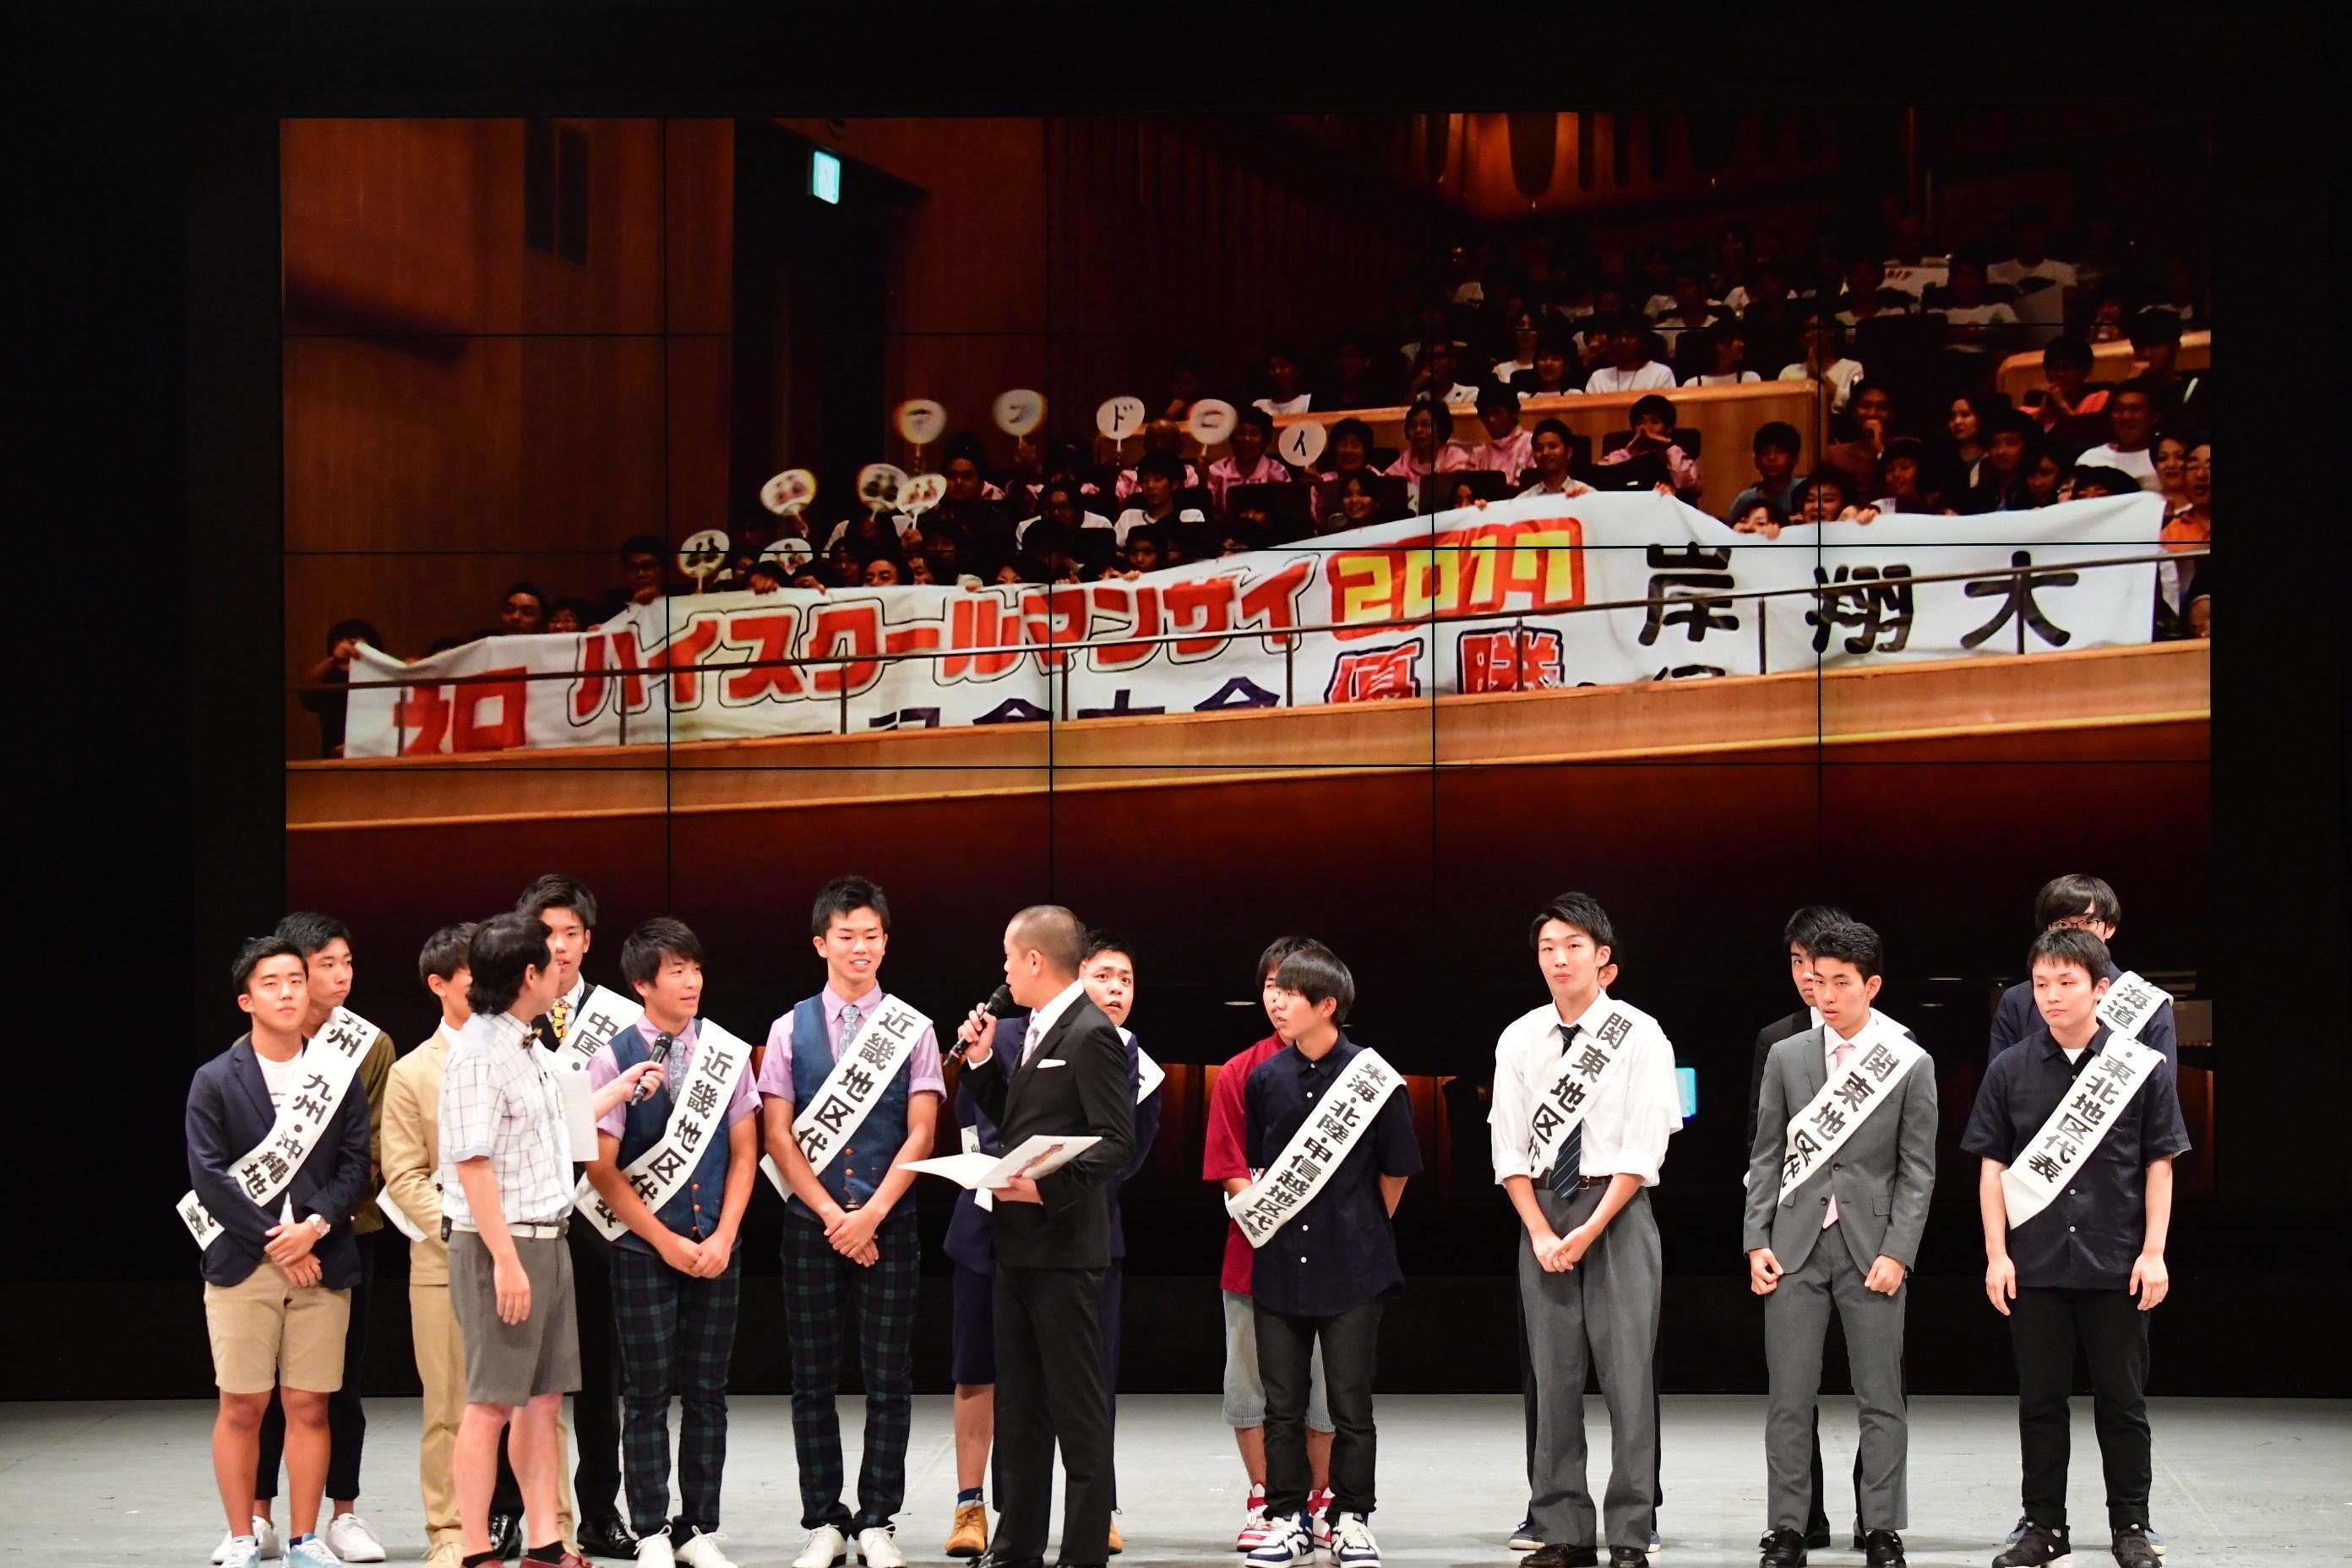 http://news.yoshimoto.co.jp/20180902231341-32edd6a67f5dd933efa71fe7eeabfa68b2090e31.jpg